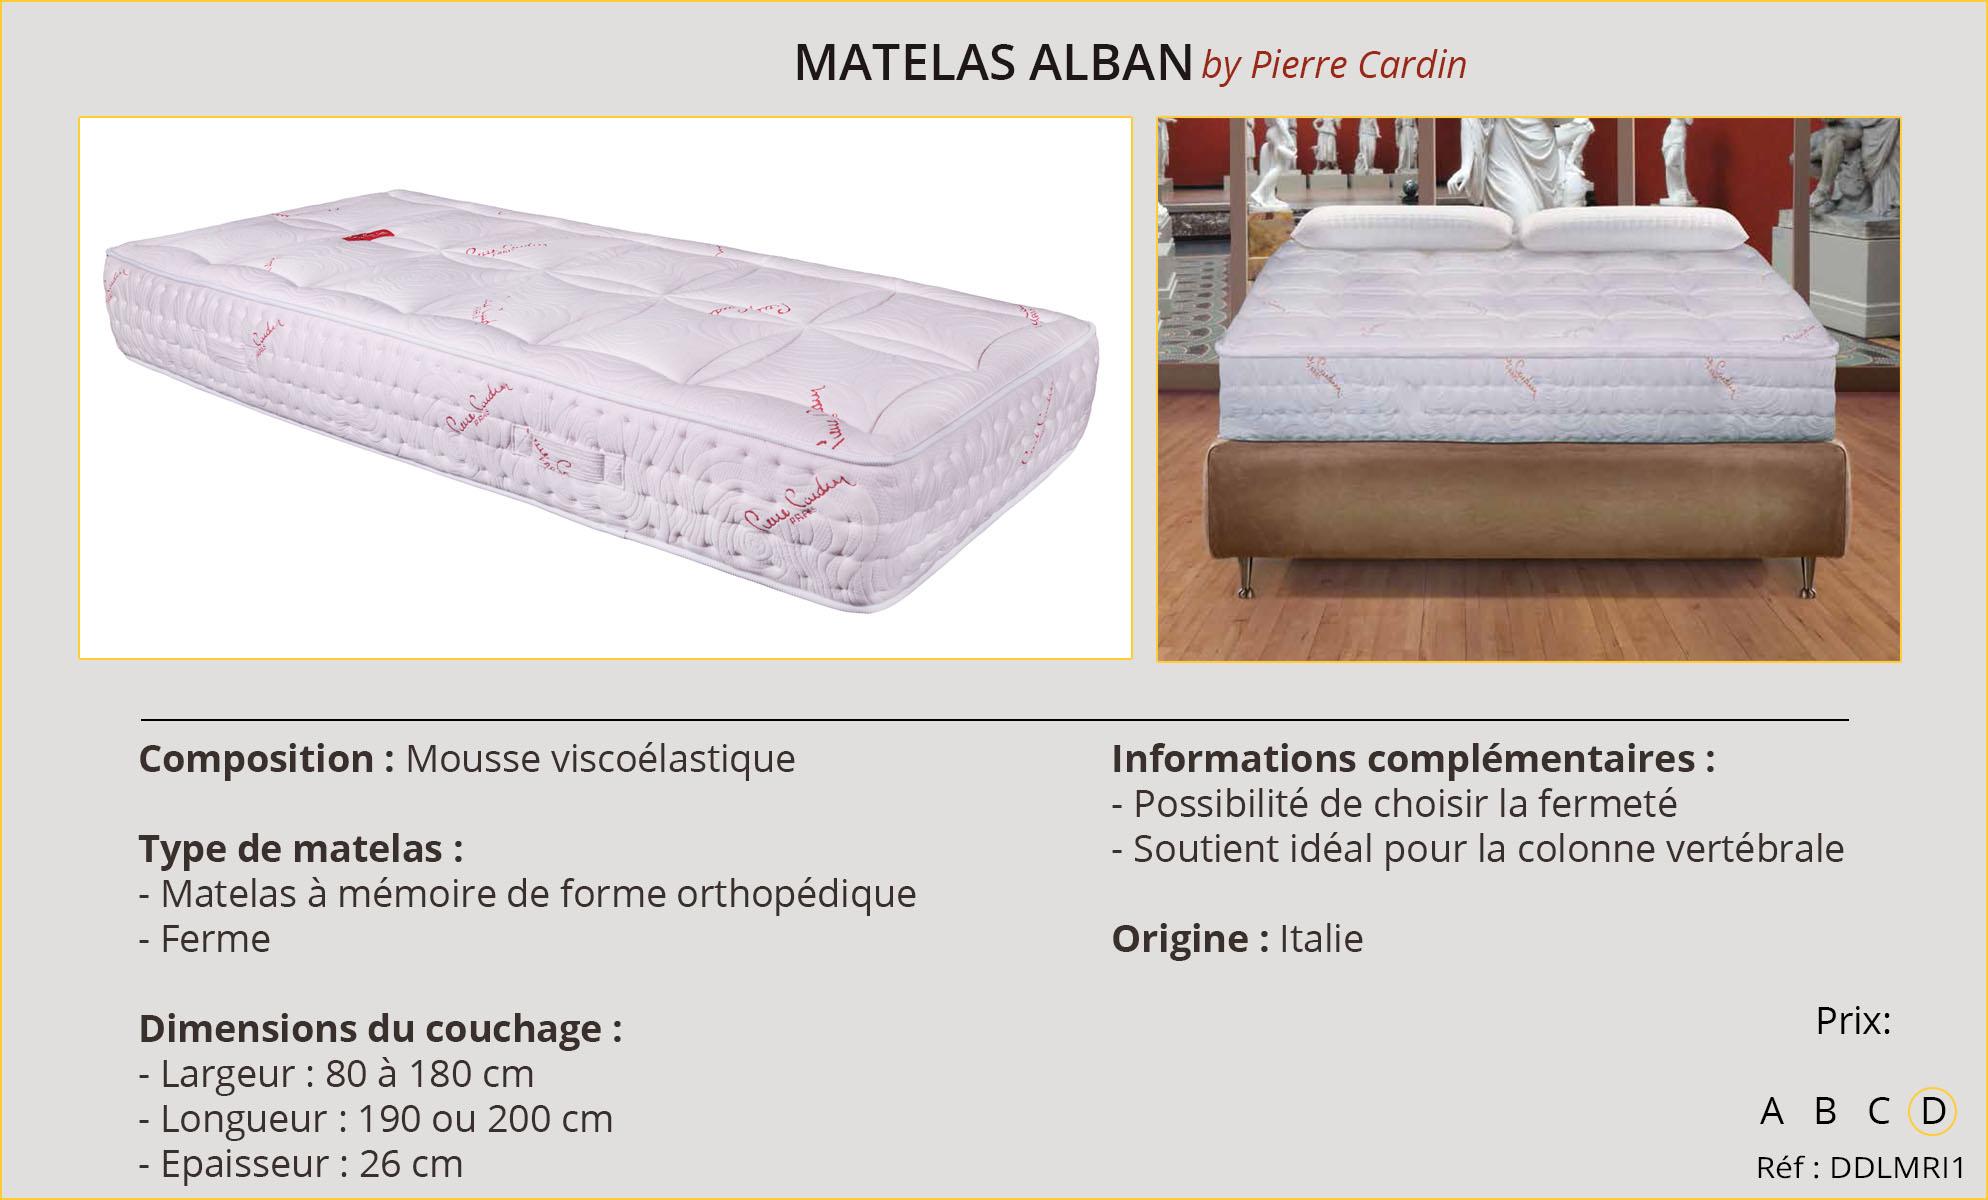 Rideaux-Hôtel Matelas Alban